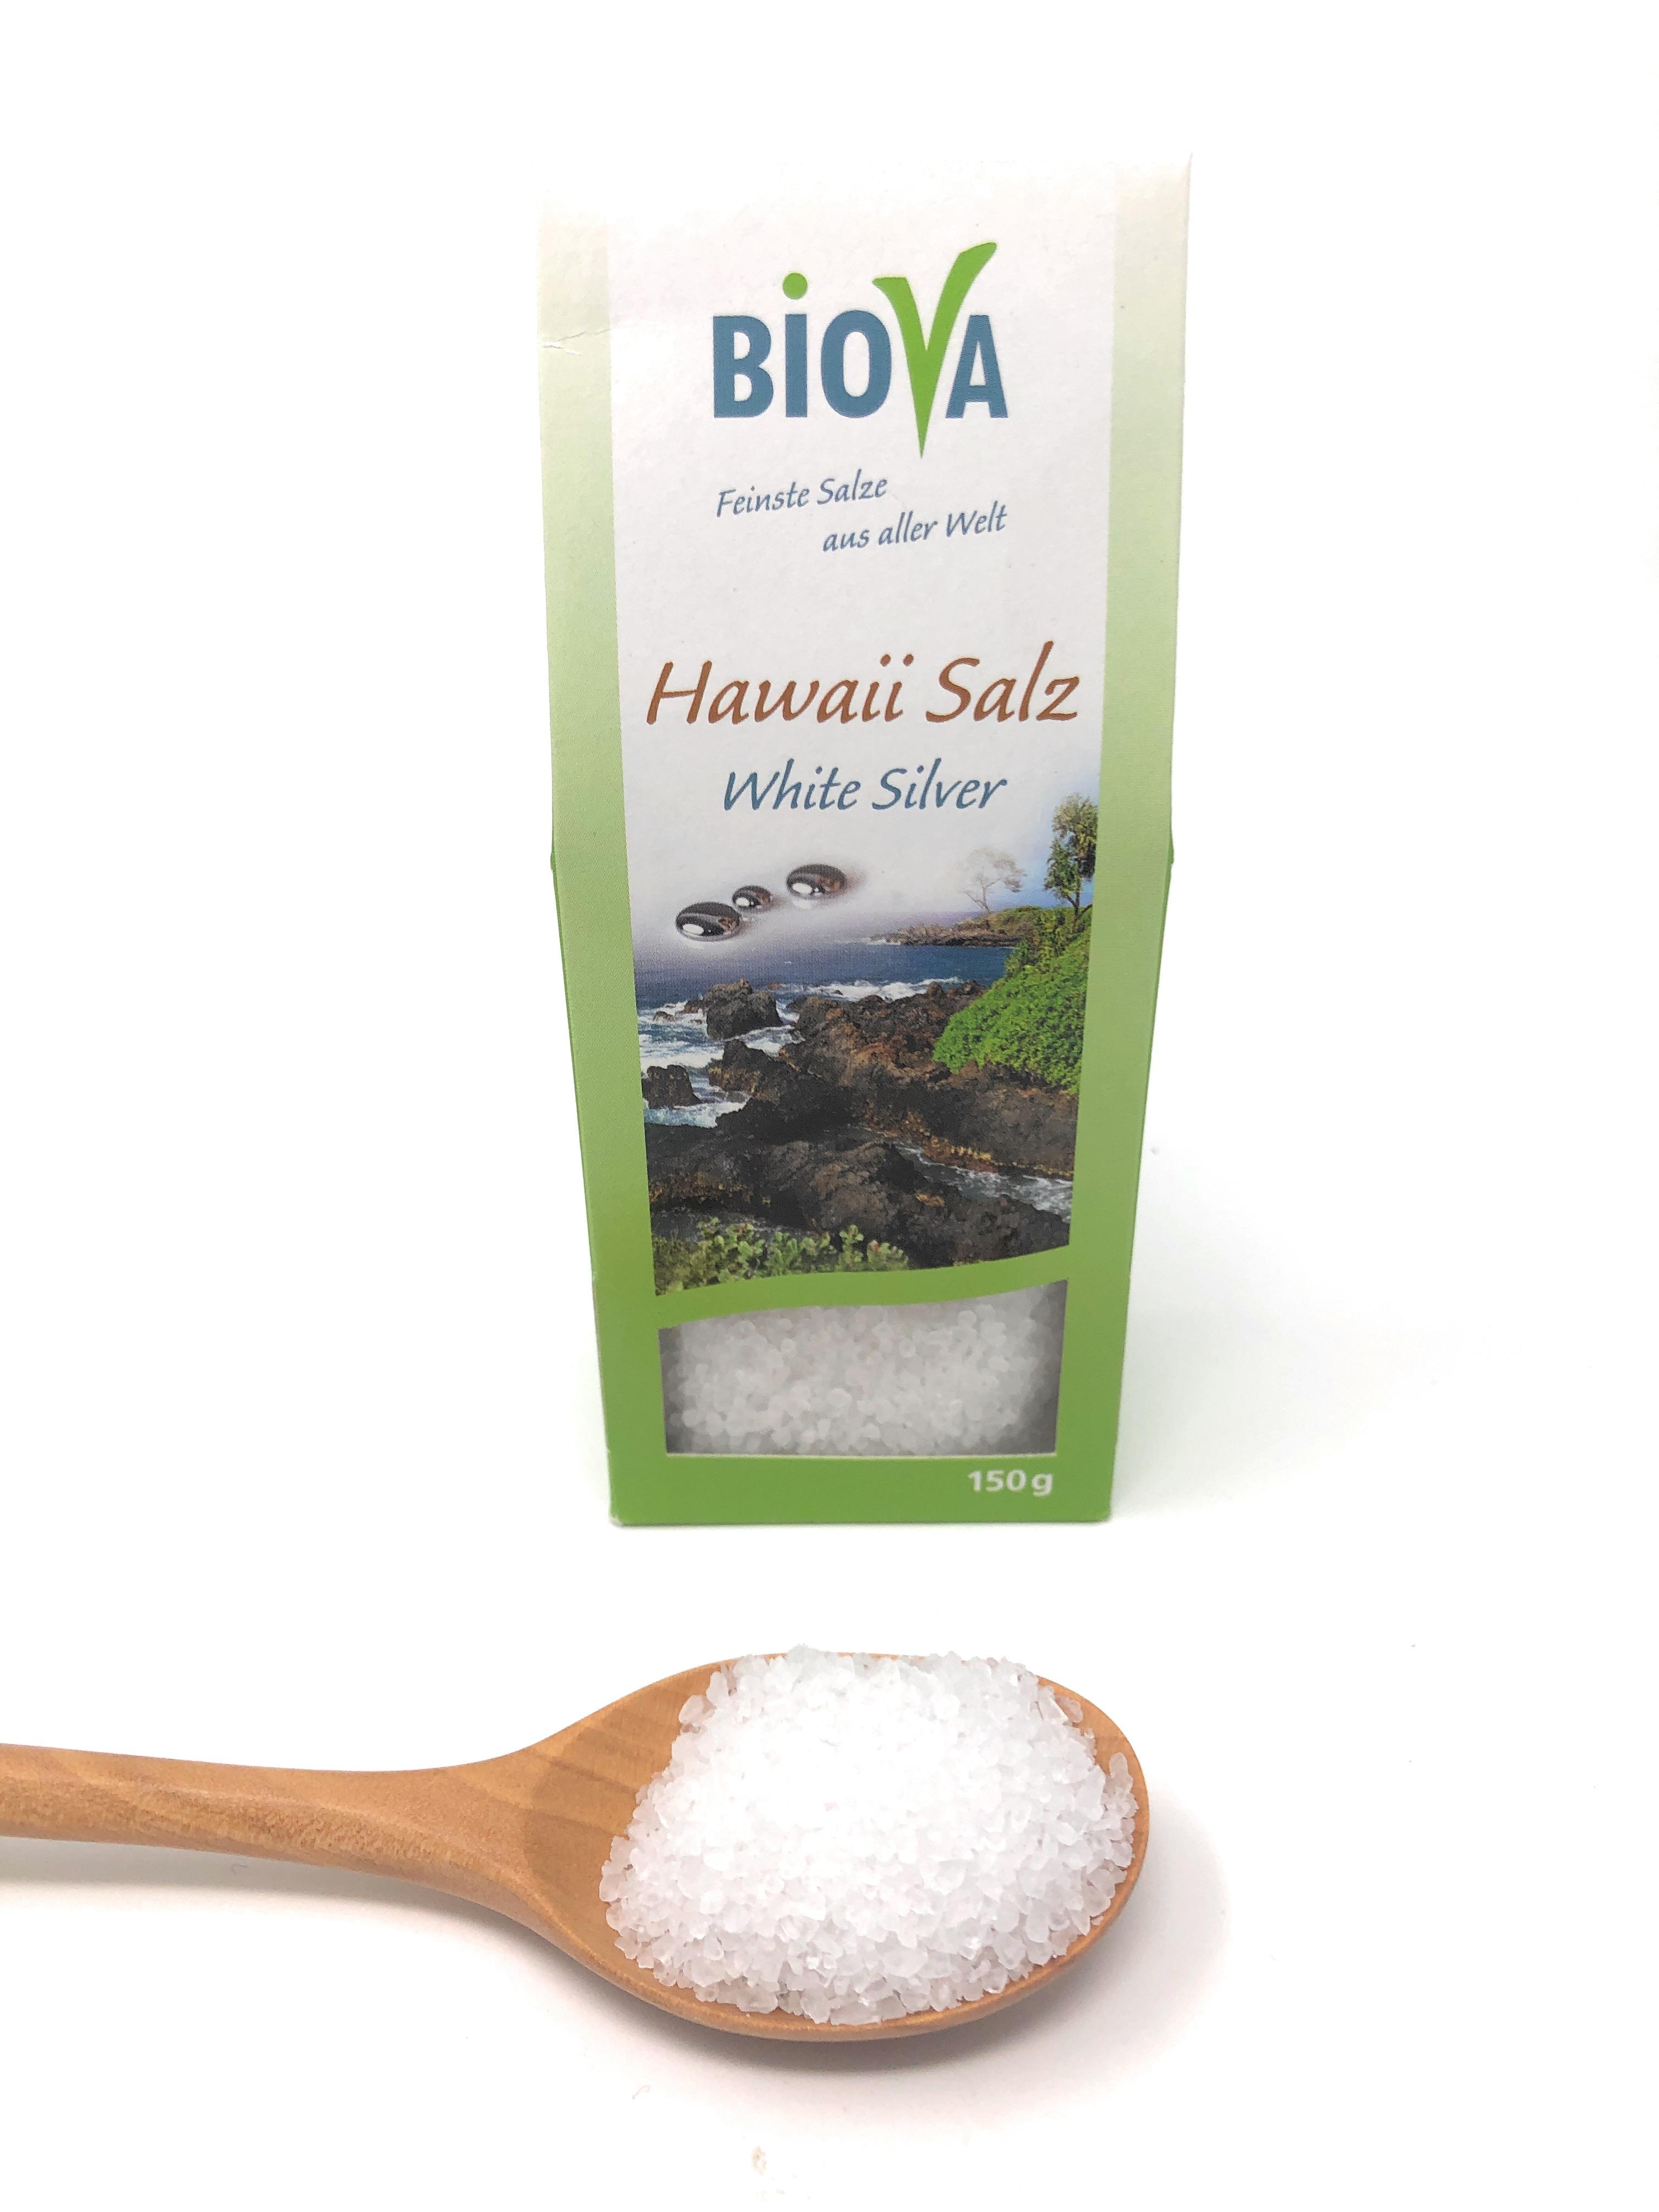 Biova Gourmetsalz Hawaii Salz weiß White Silver 1-2mm 150g Faltschachtel